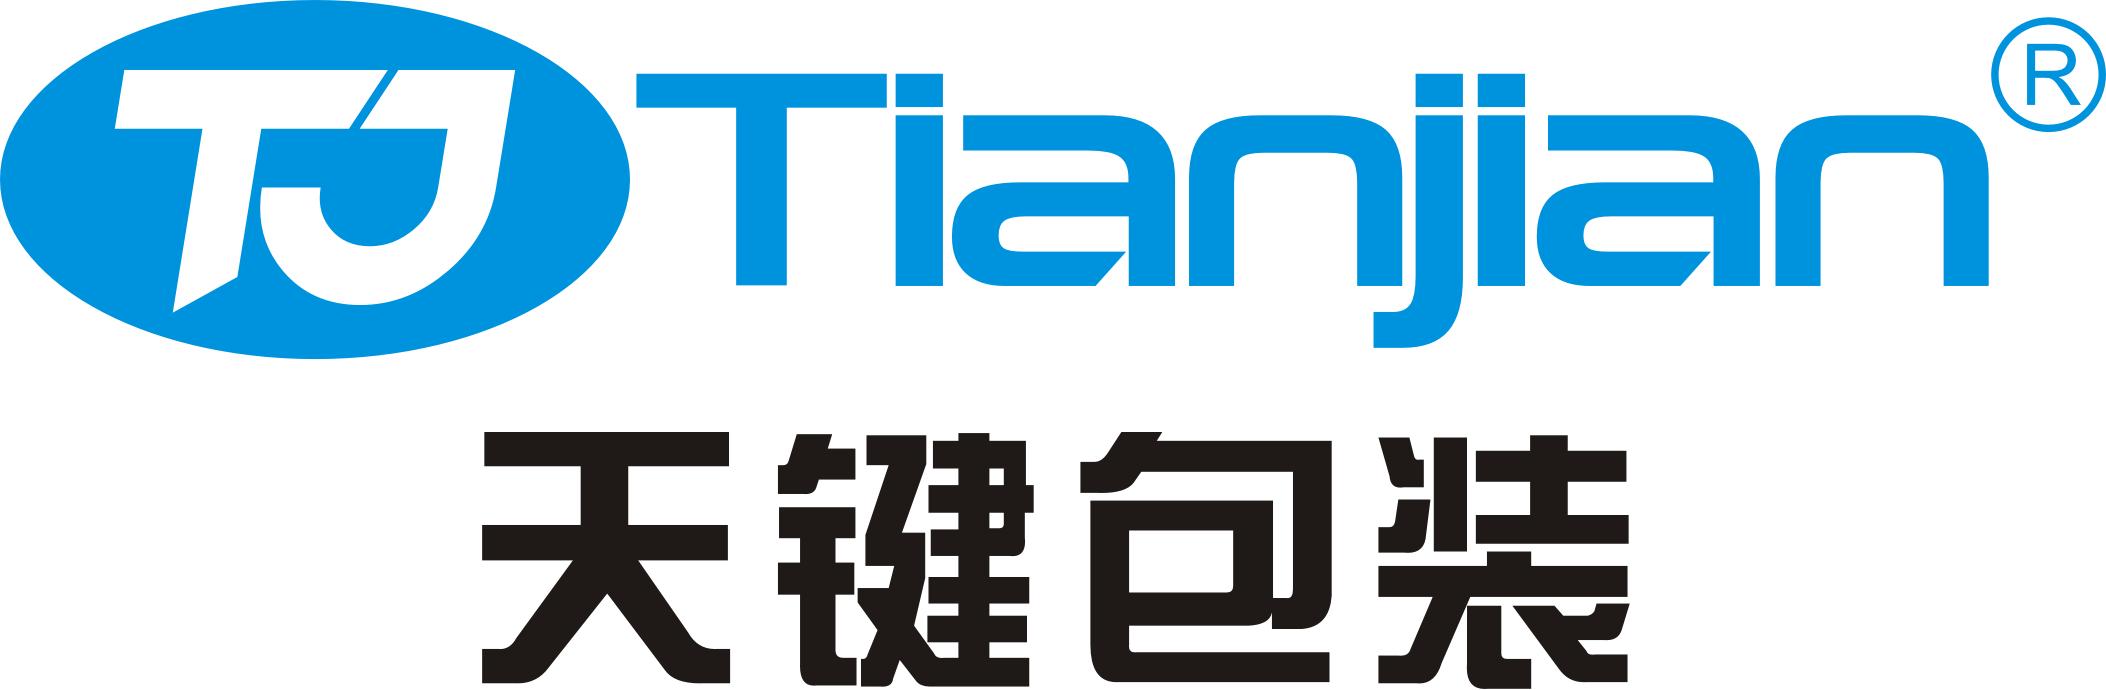 广东天键智能包装设备有限公司